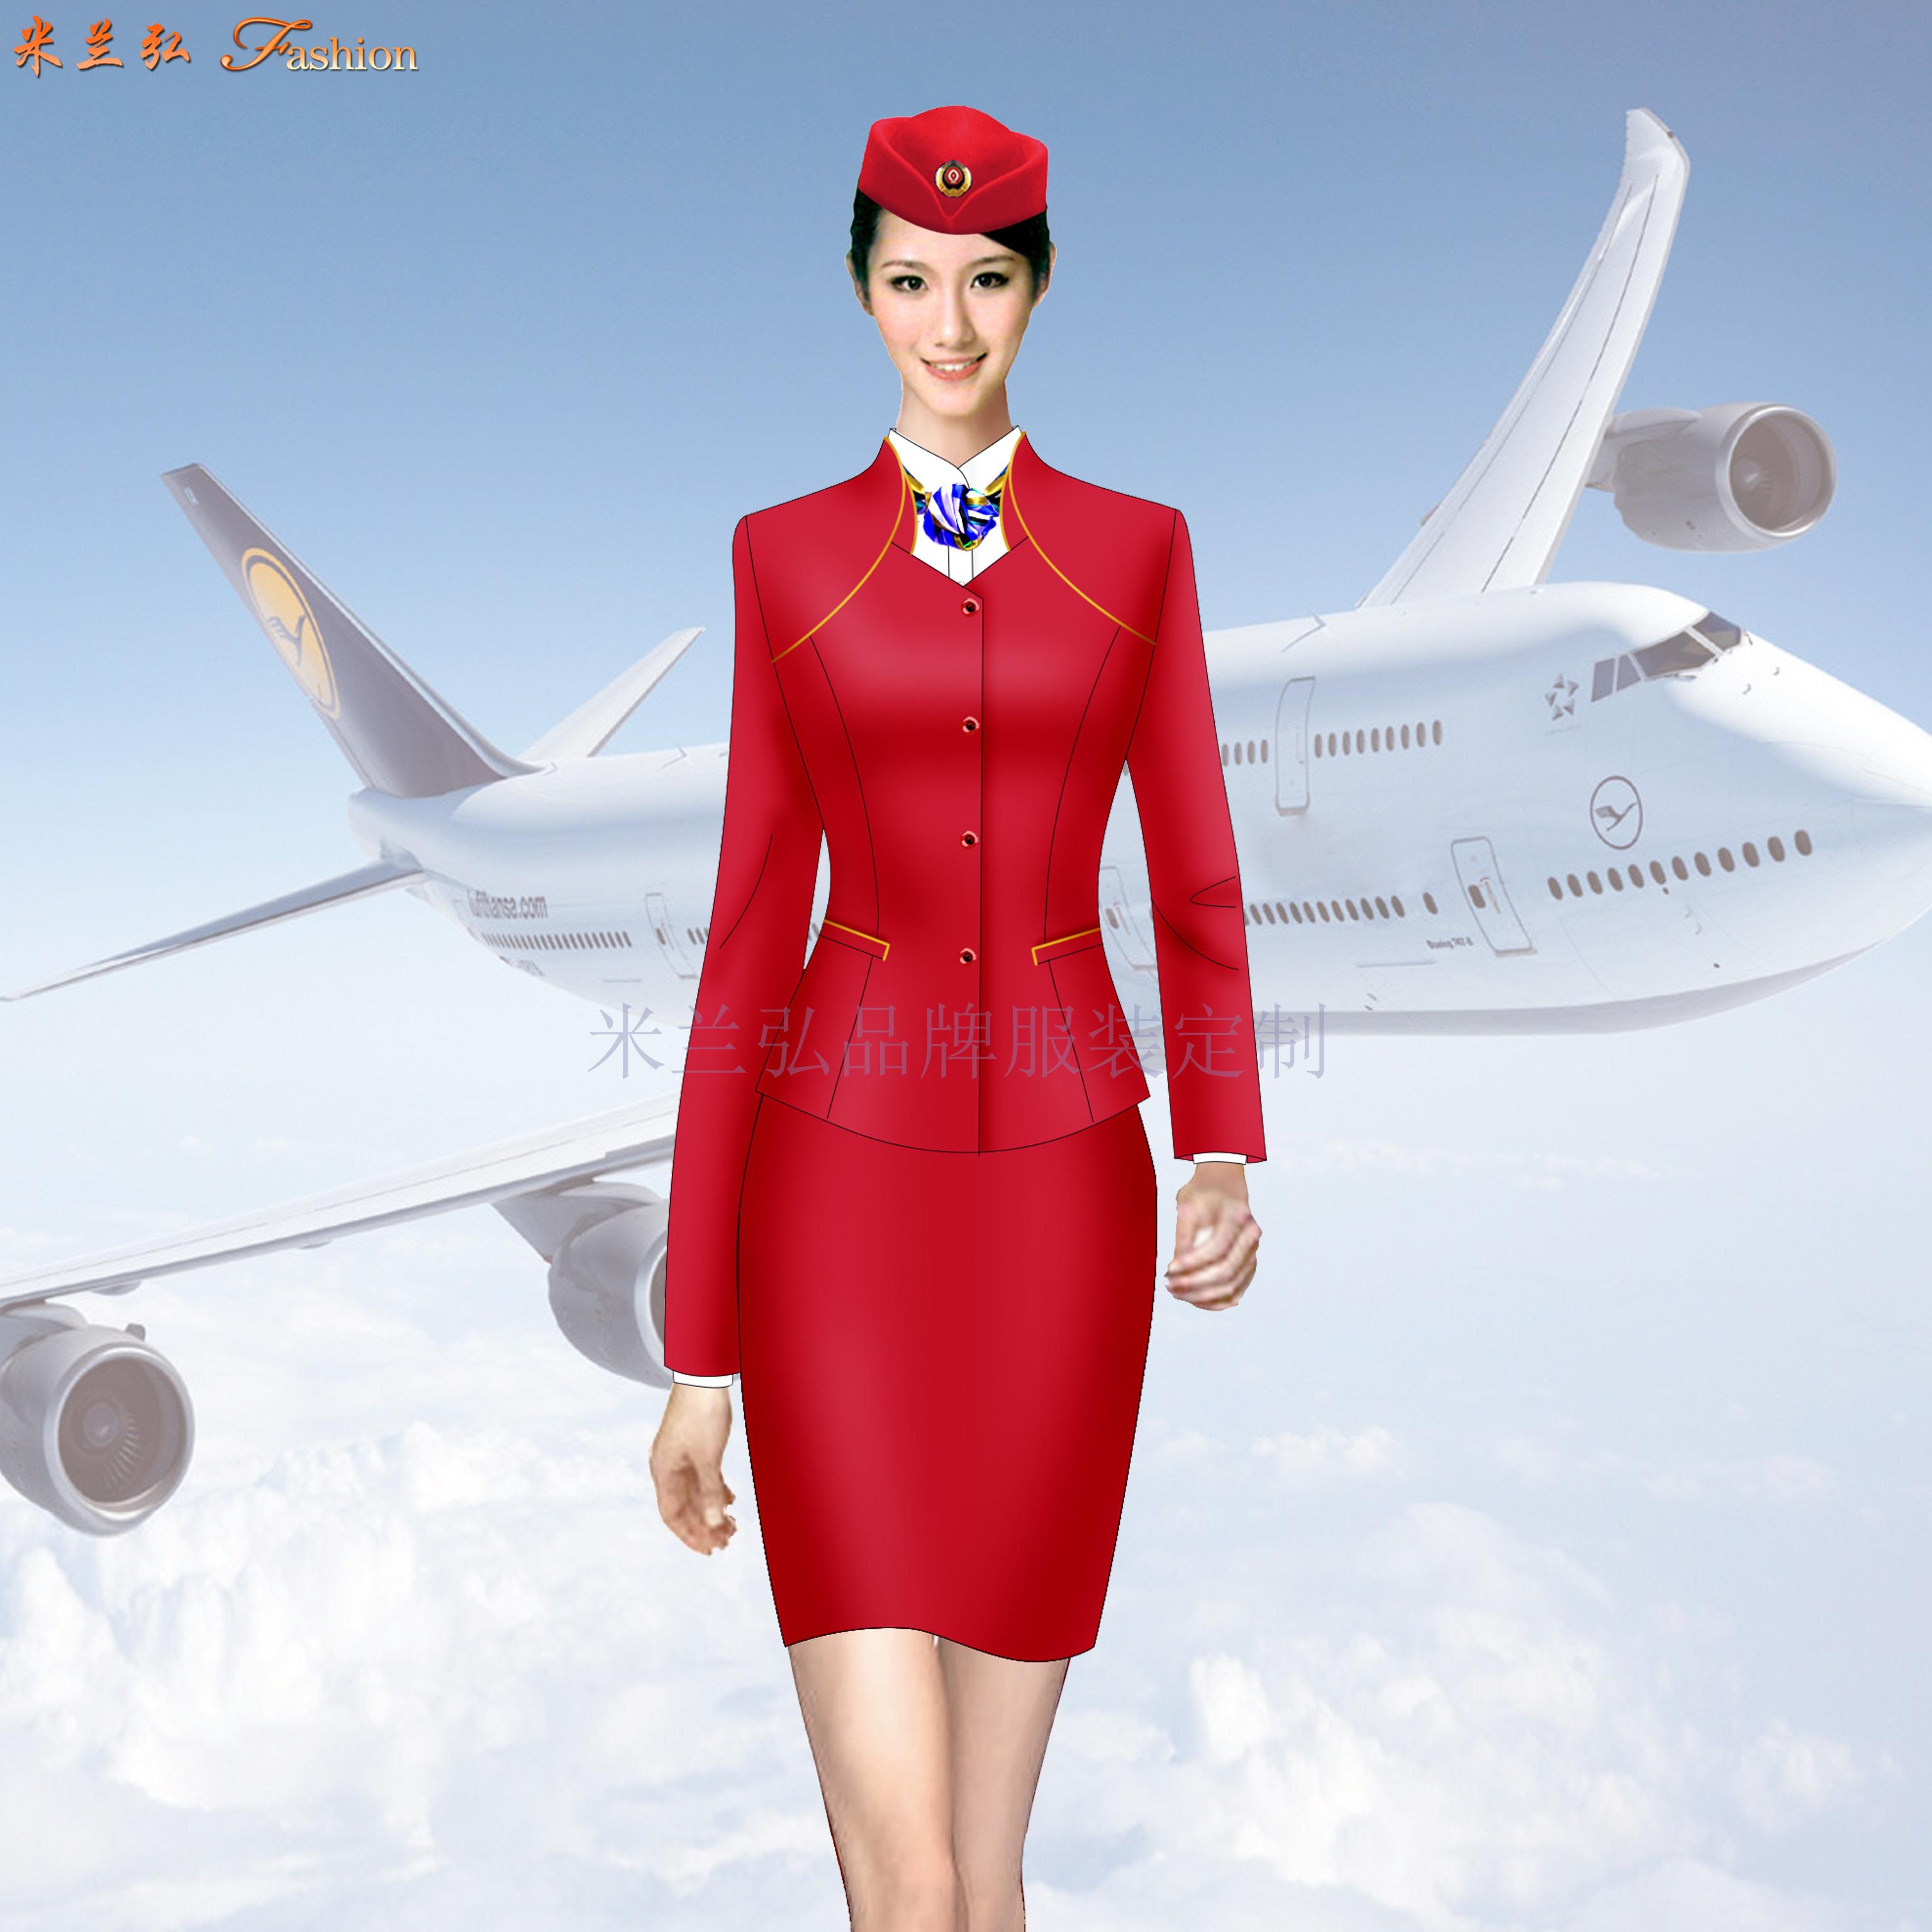 「空姐服」北京量體定制訂做潮流空姐服的誠信公司-米蘭弘服裝-3